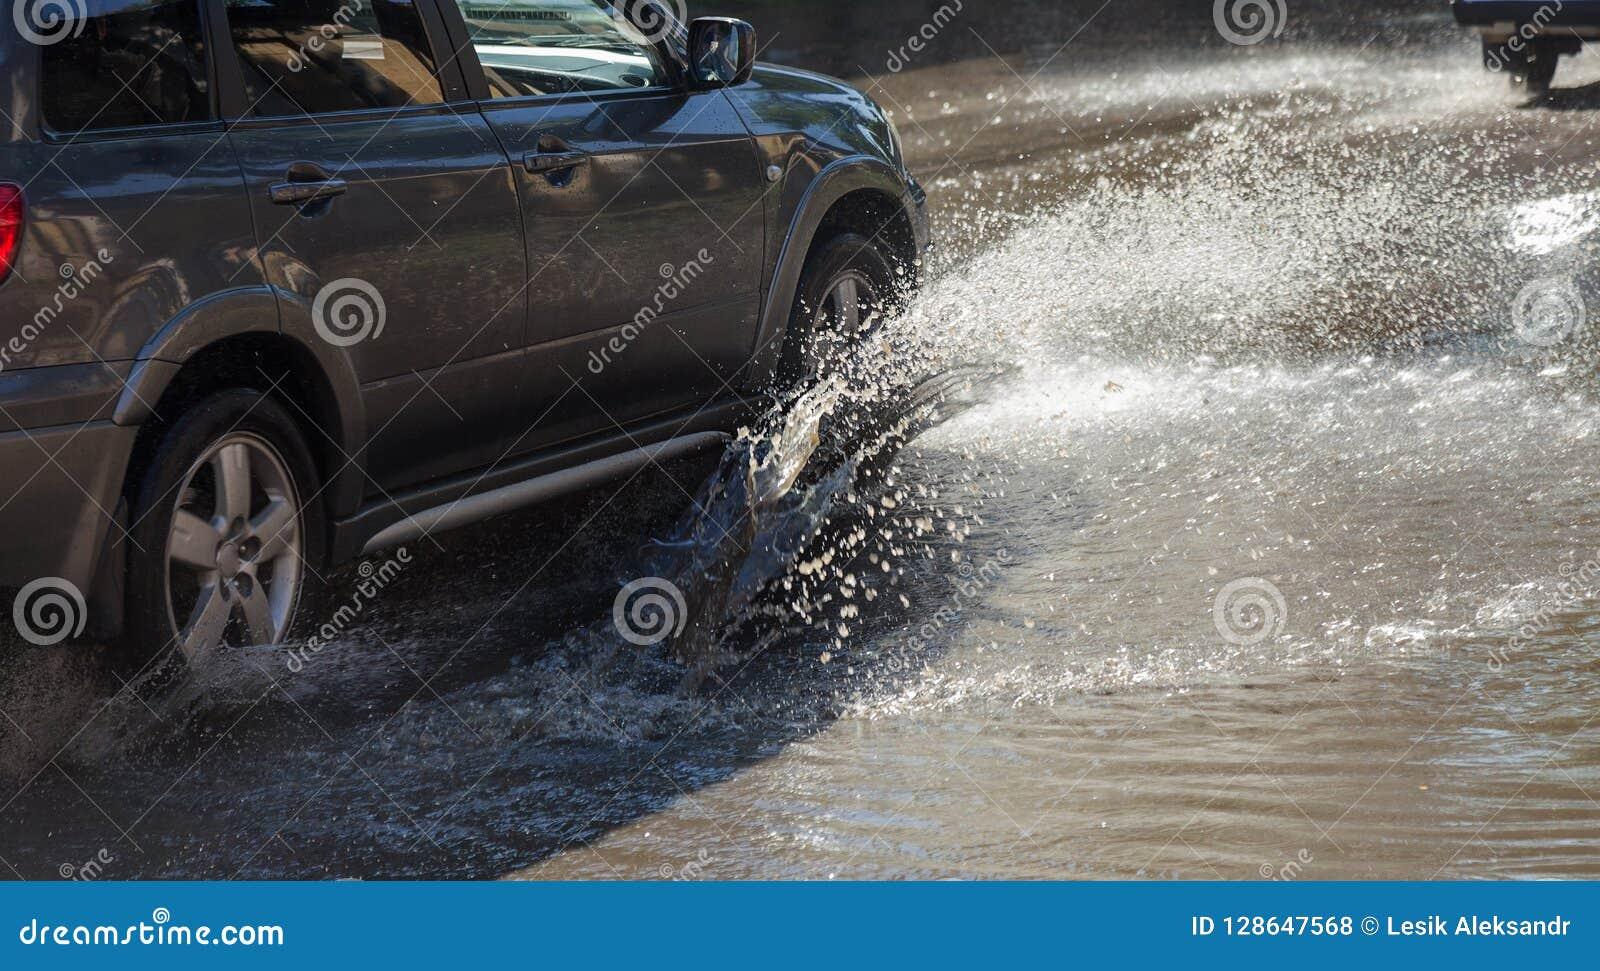 傲德萨,乌克兰2018年7月-3 :驾驶在一条被充斥的路的汽车在雨造成的洪水期间猛冲 在水的汽车浮游物,充斥st